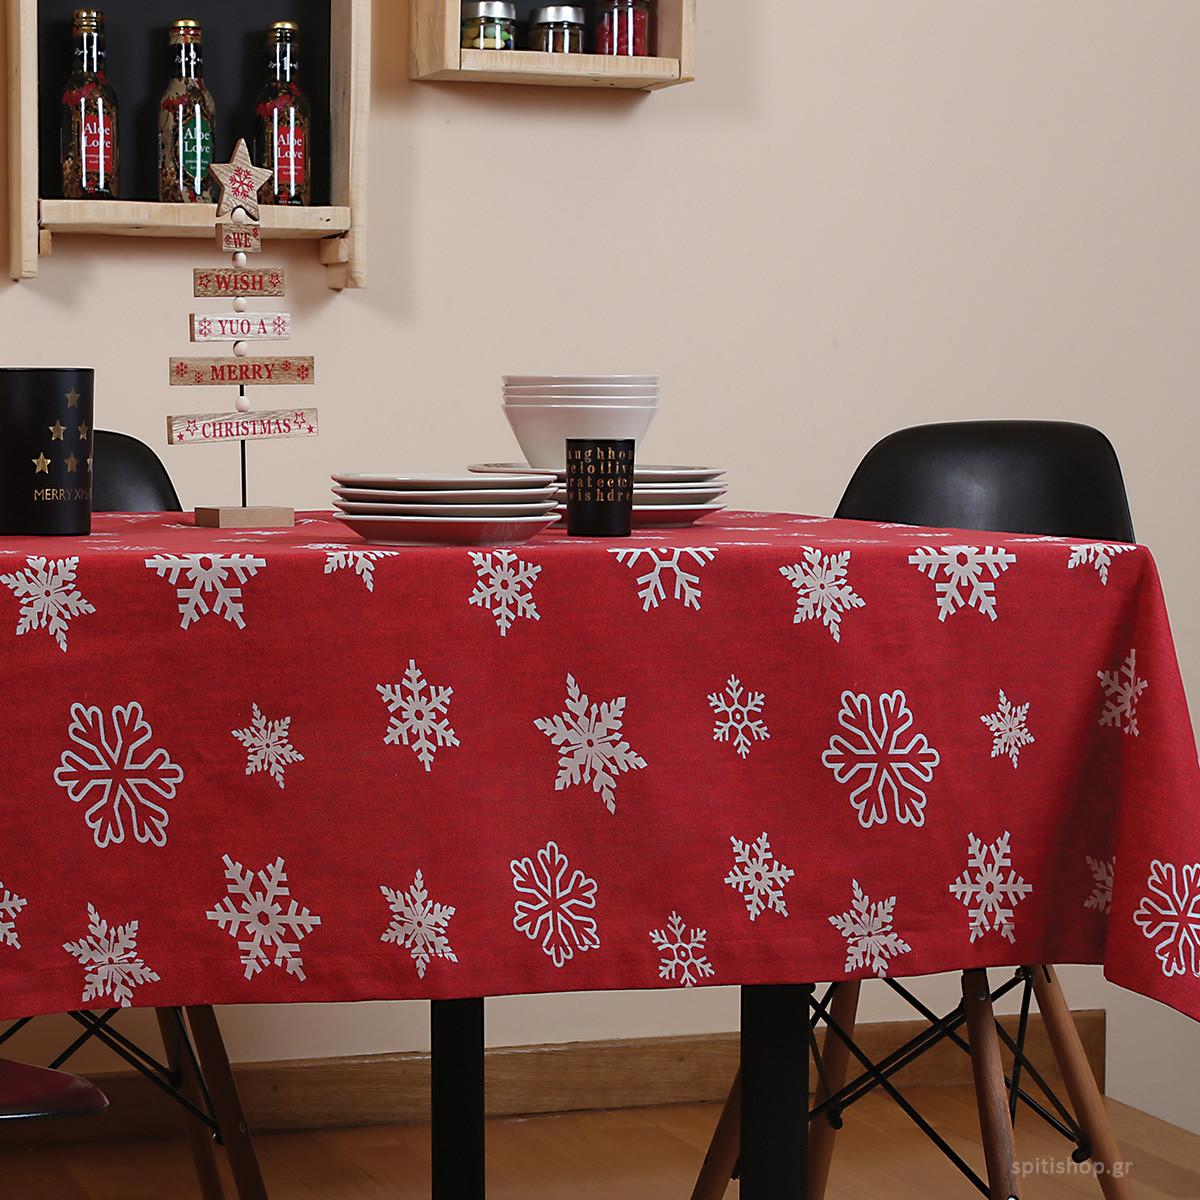 Χριστουγεννιάτικο Τραπεζομάντηλο (140×140) Nef-Nef Miracle